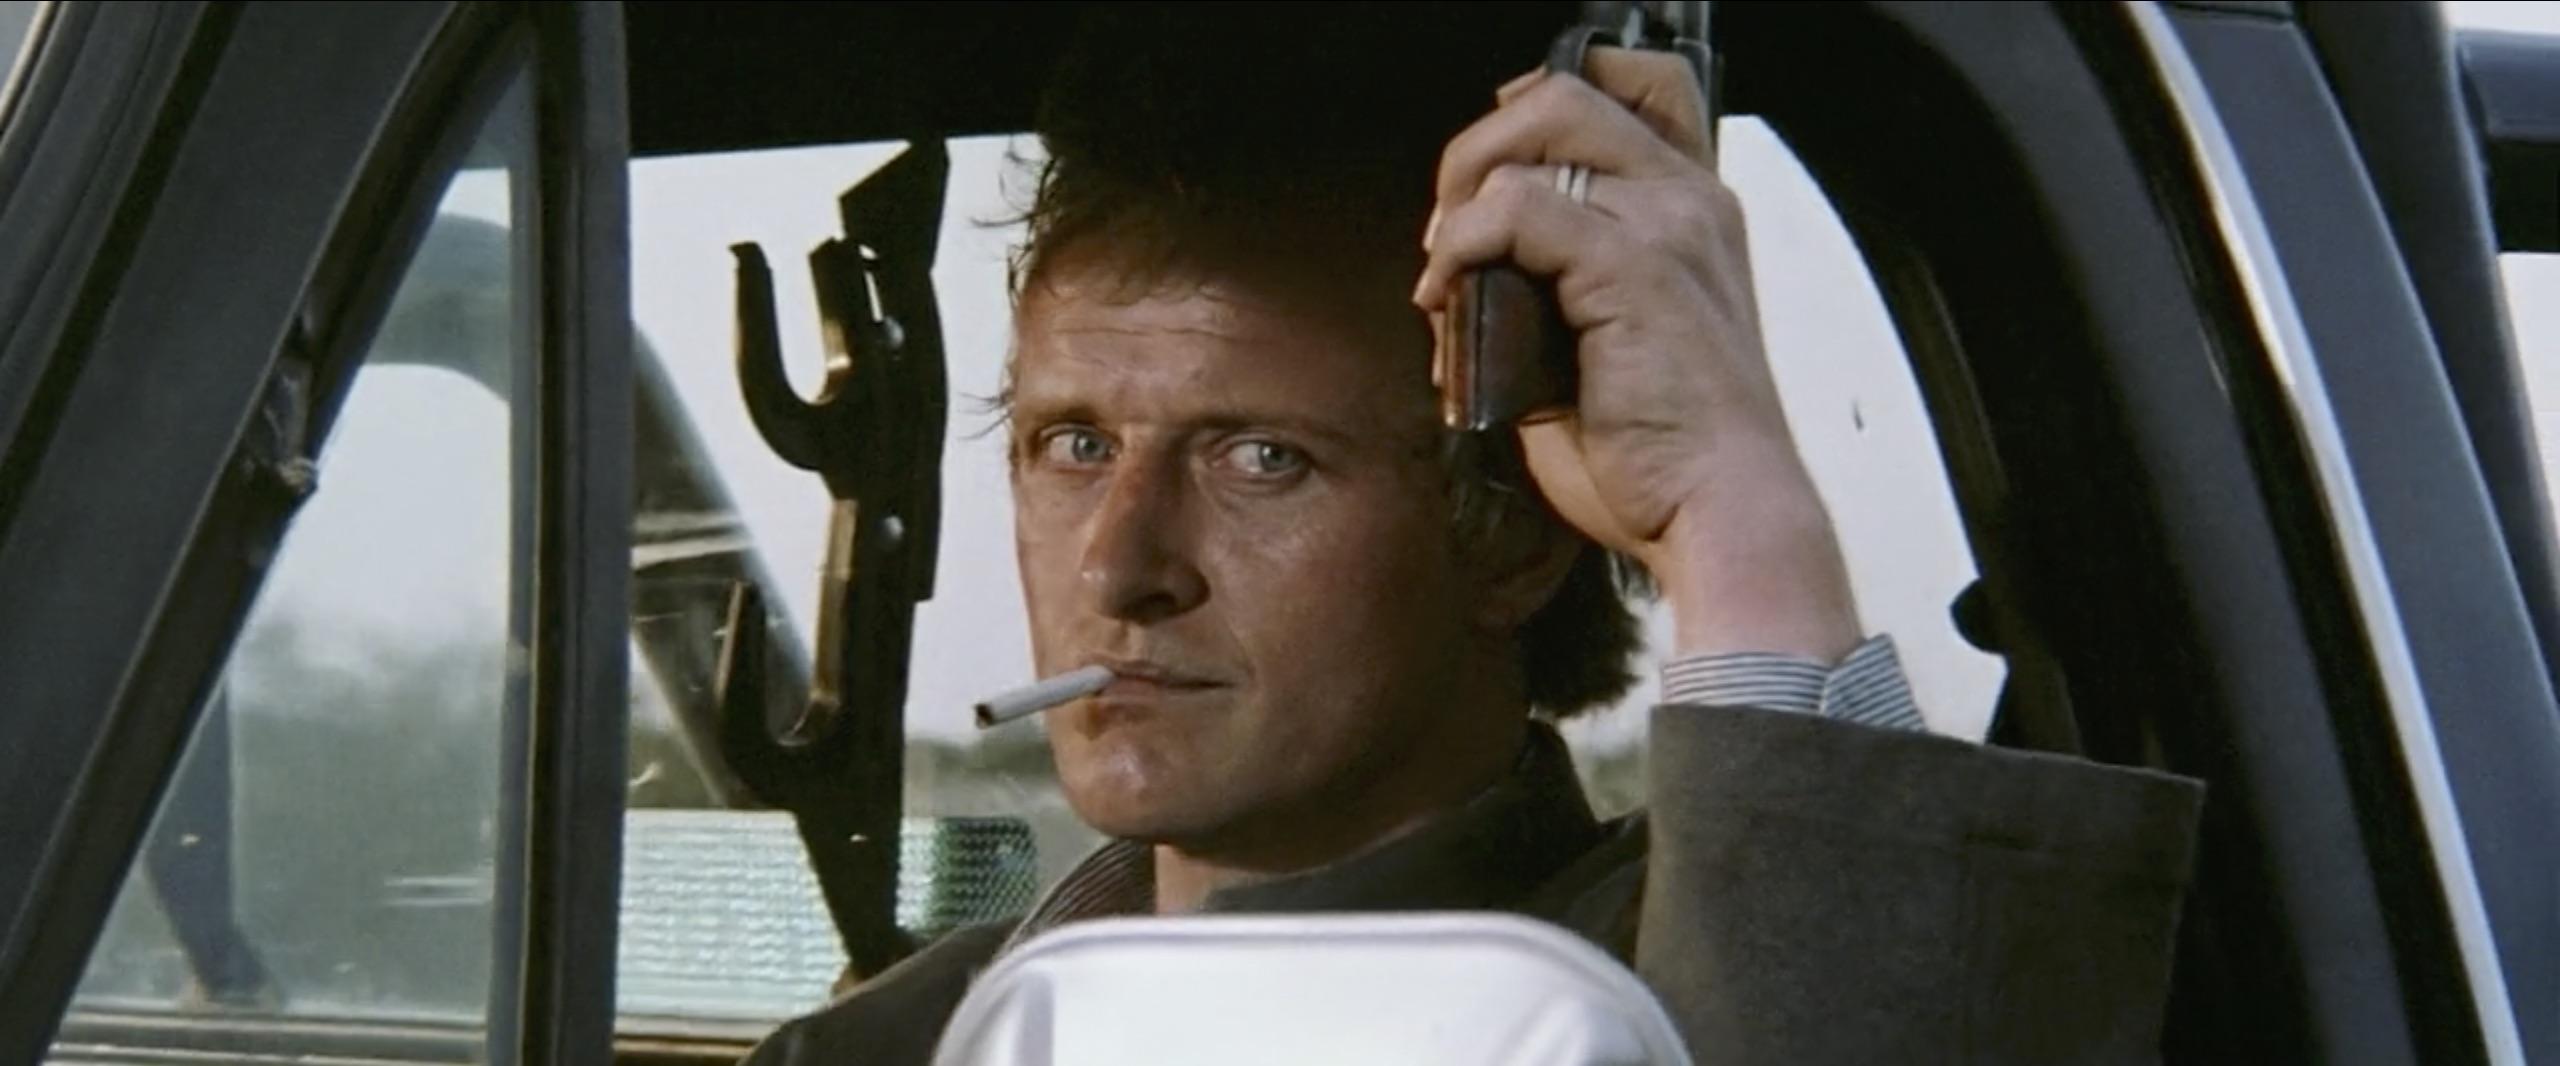 hitcher protagonist with gun